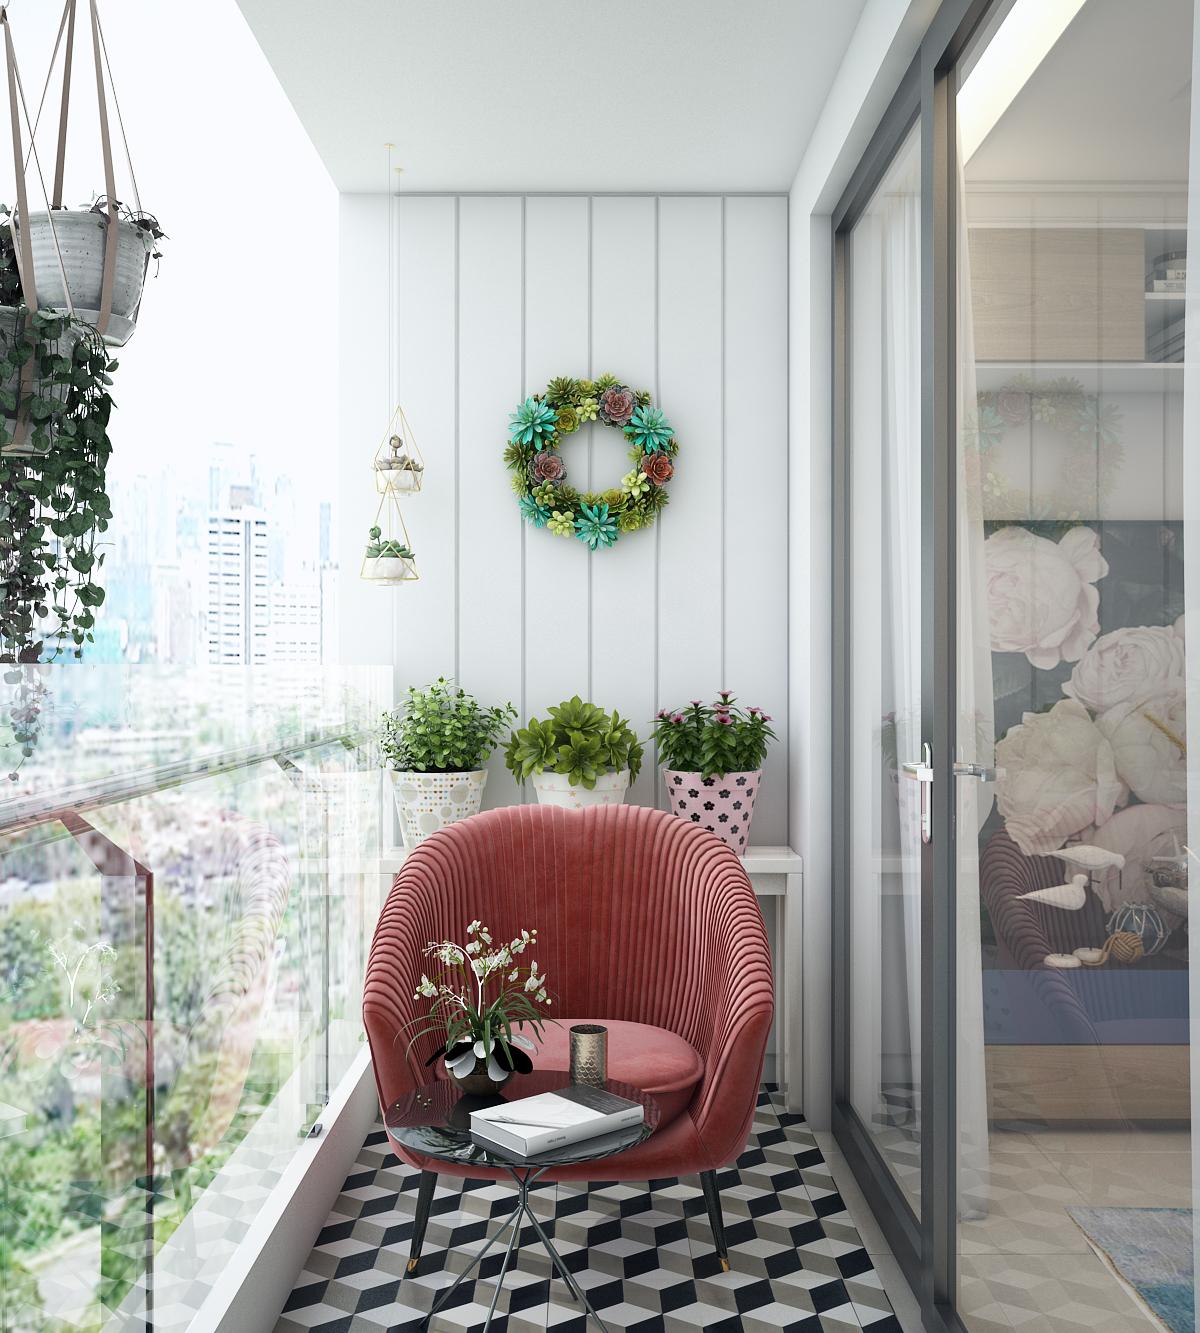 thiết kế nội thất chung cư tại Hồ Chí Minh Chị Ngọc_Goldview 10 1550734617